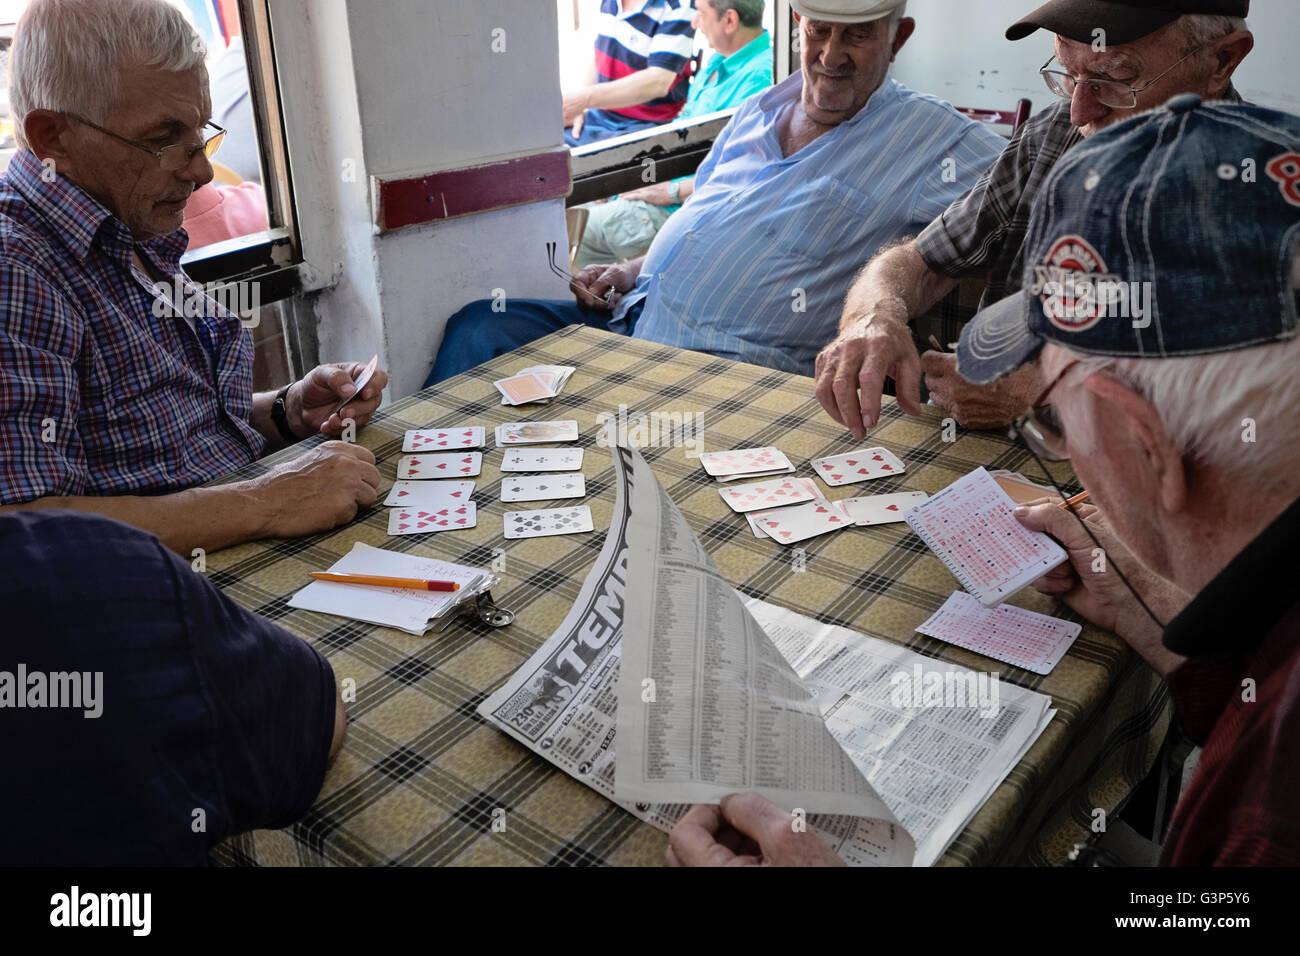 Eine Gruppe von mittleren Alter Männer spielen Karten und überprüfen Sie die Pferderennen Ergebnisse Stockbild